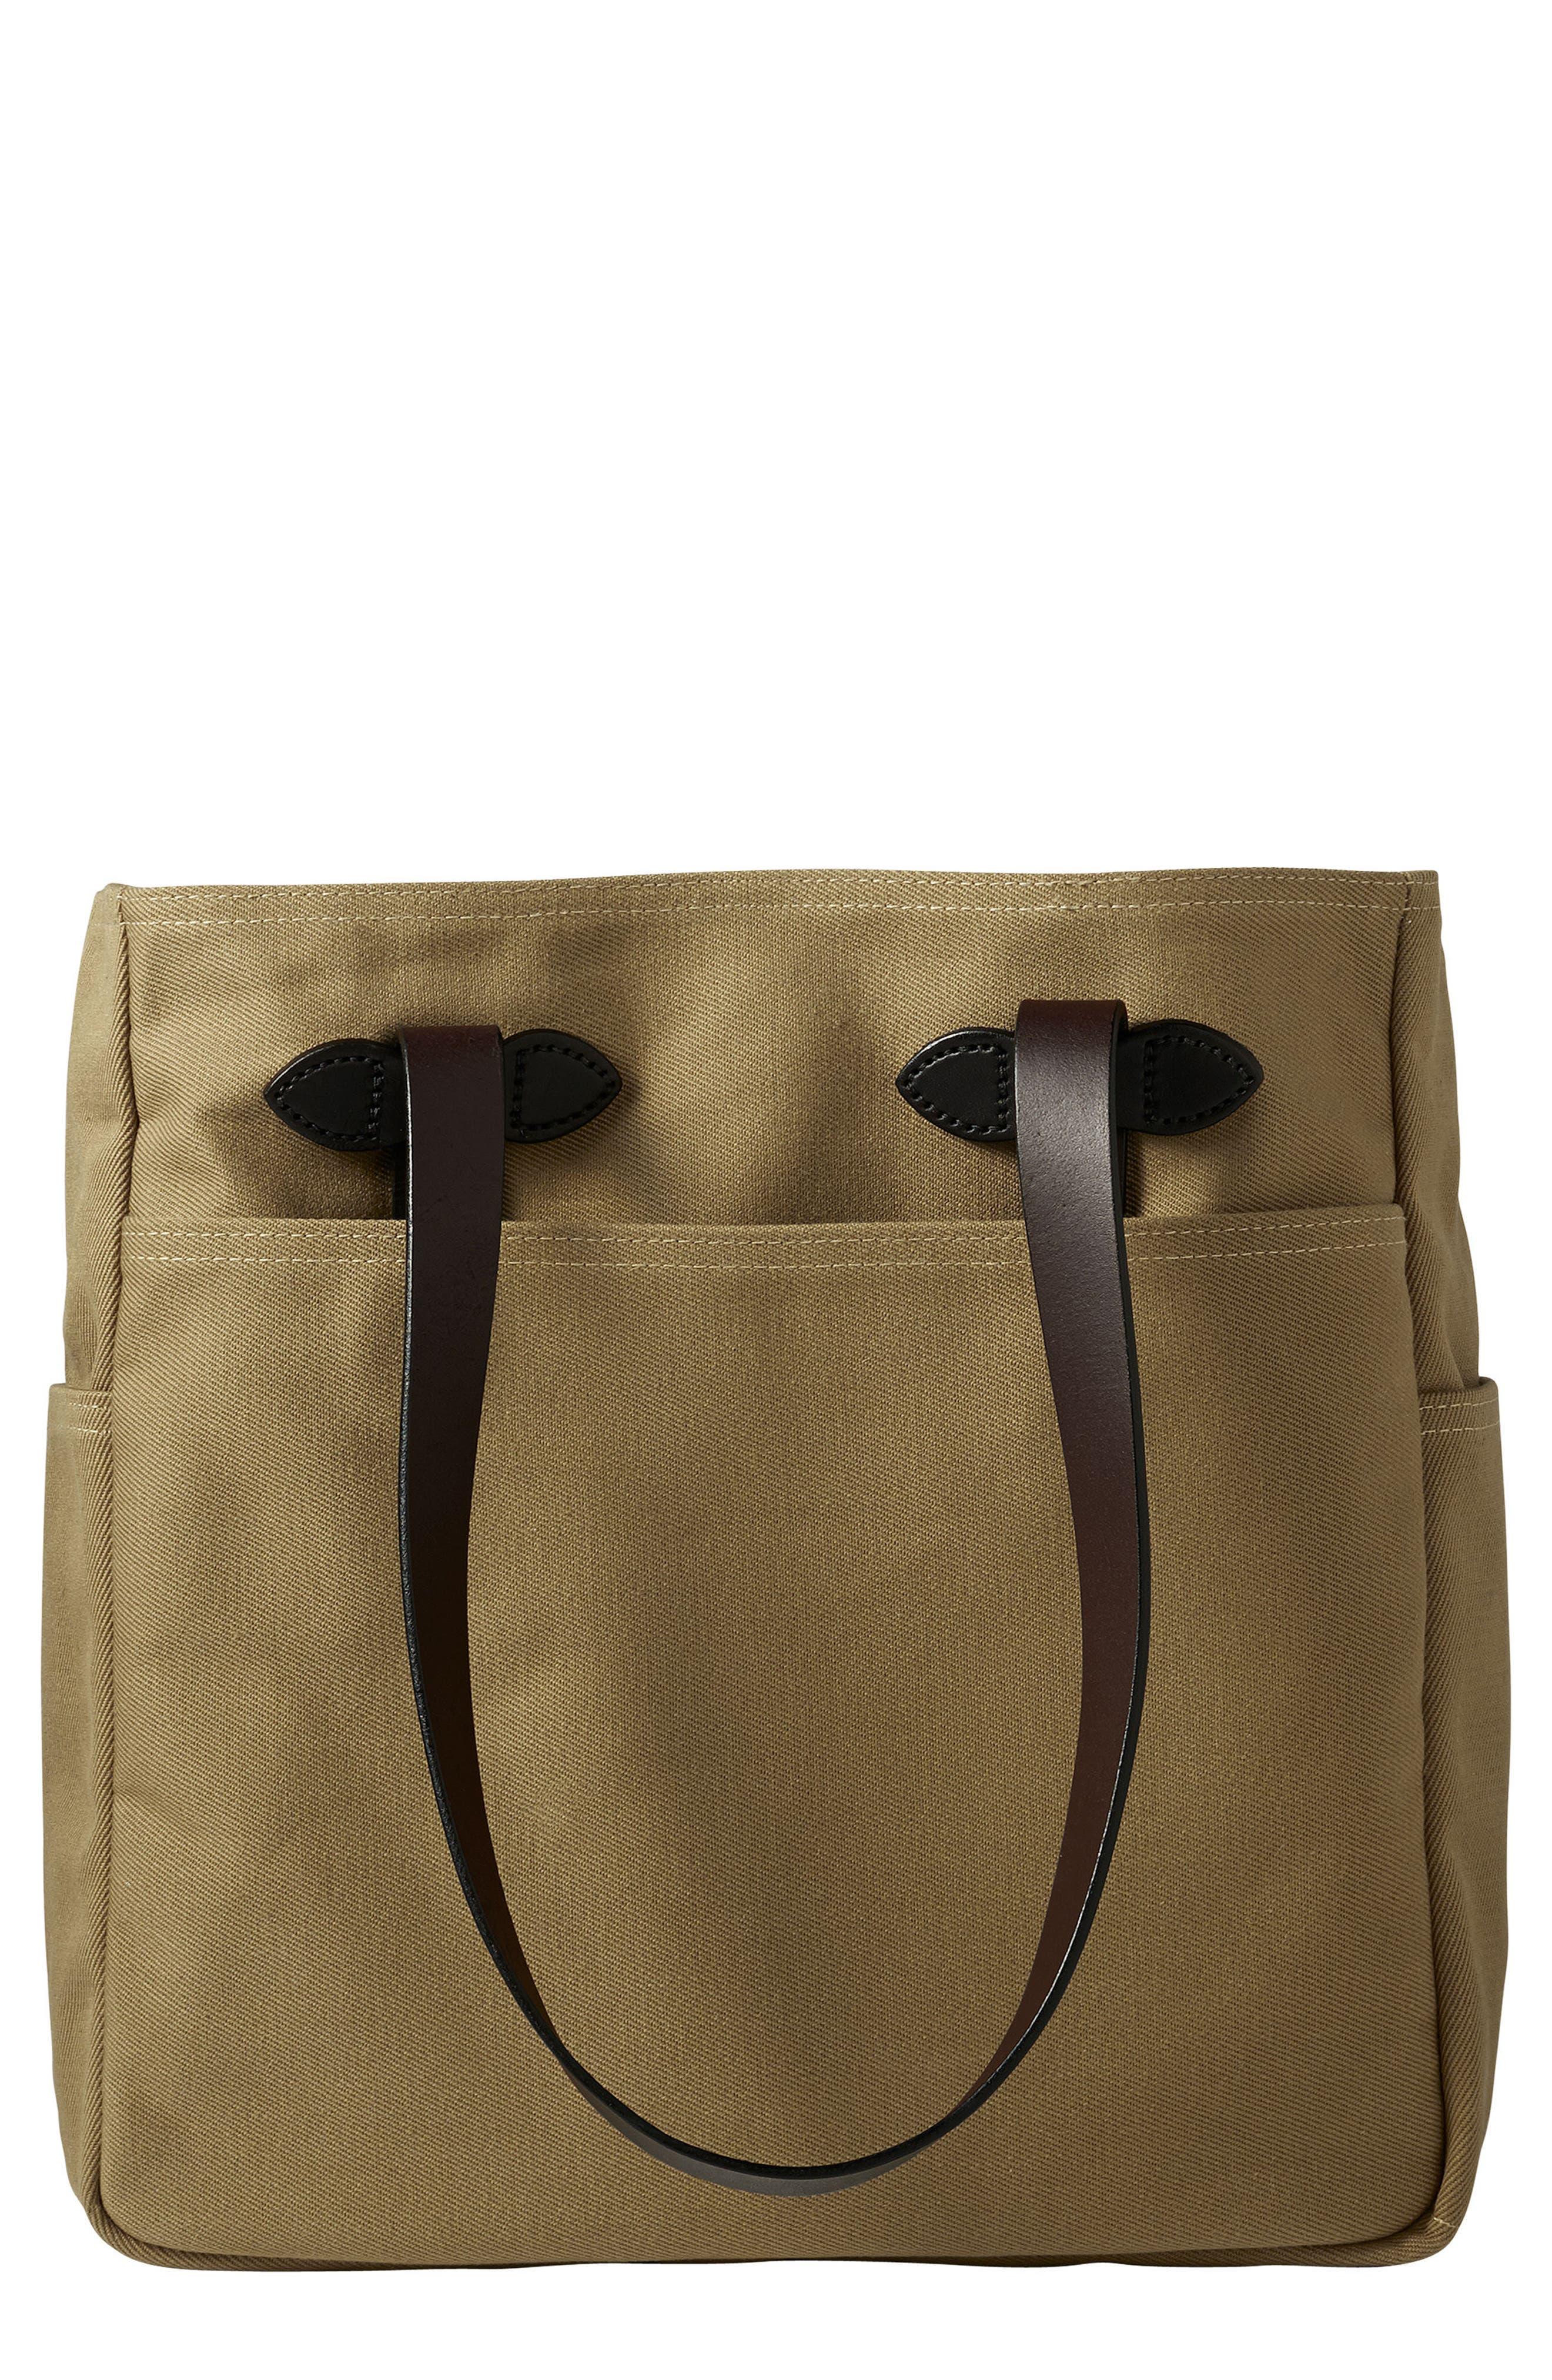 Rugged Twill Tote Bag,                             Main thumbnail 1, color,                             242